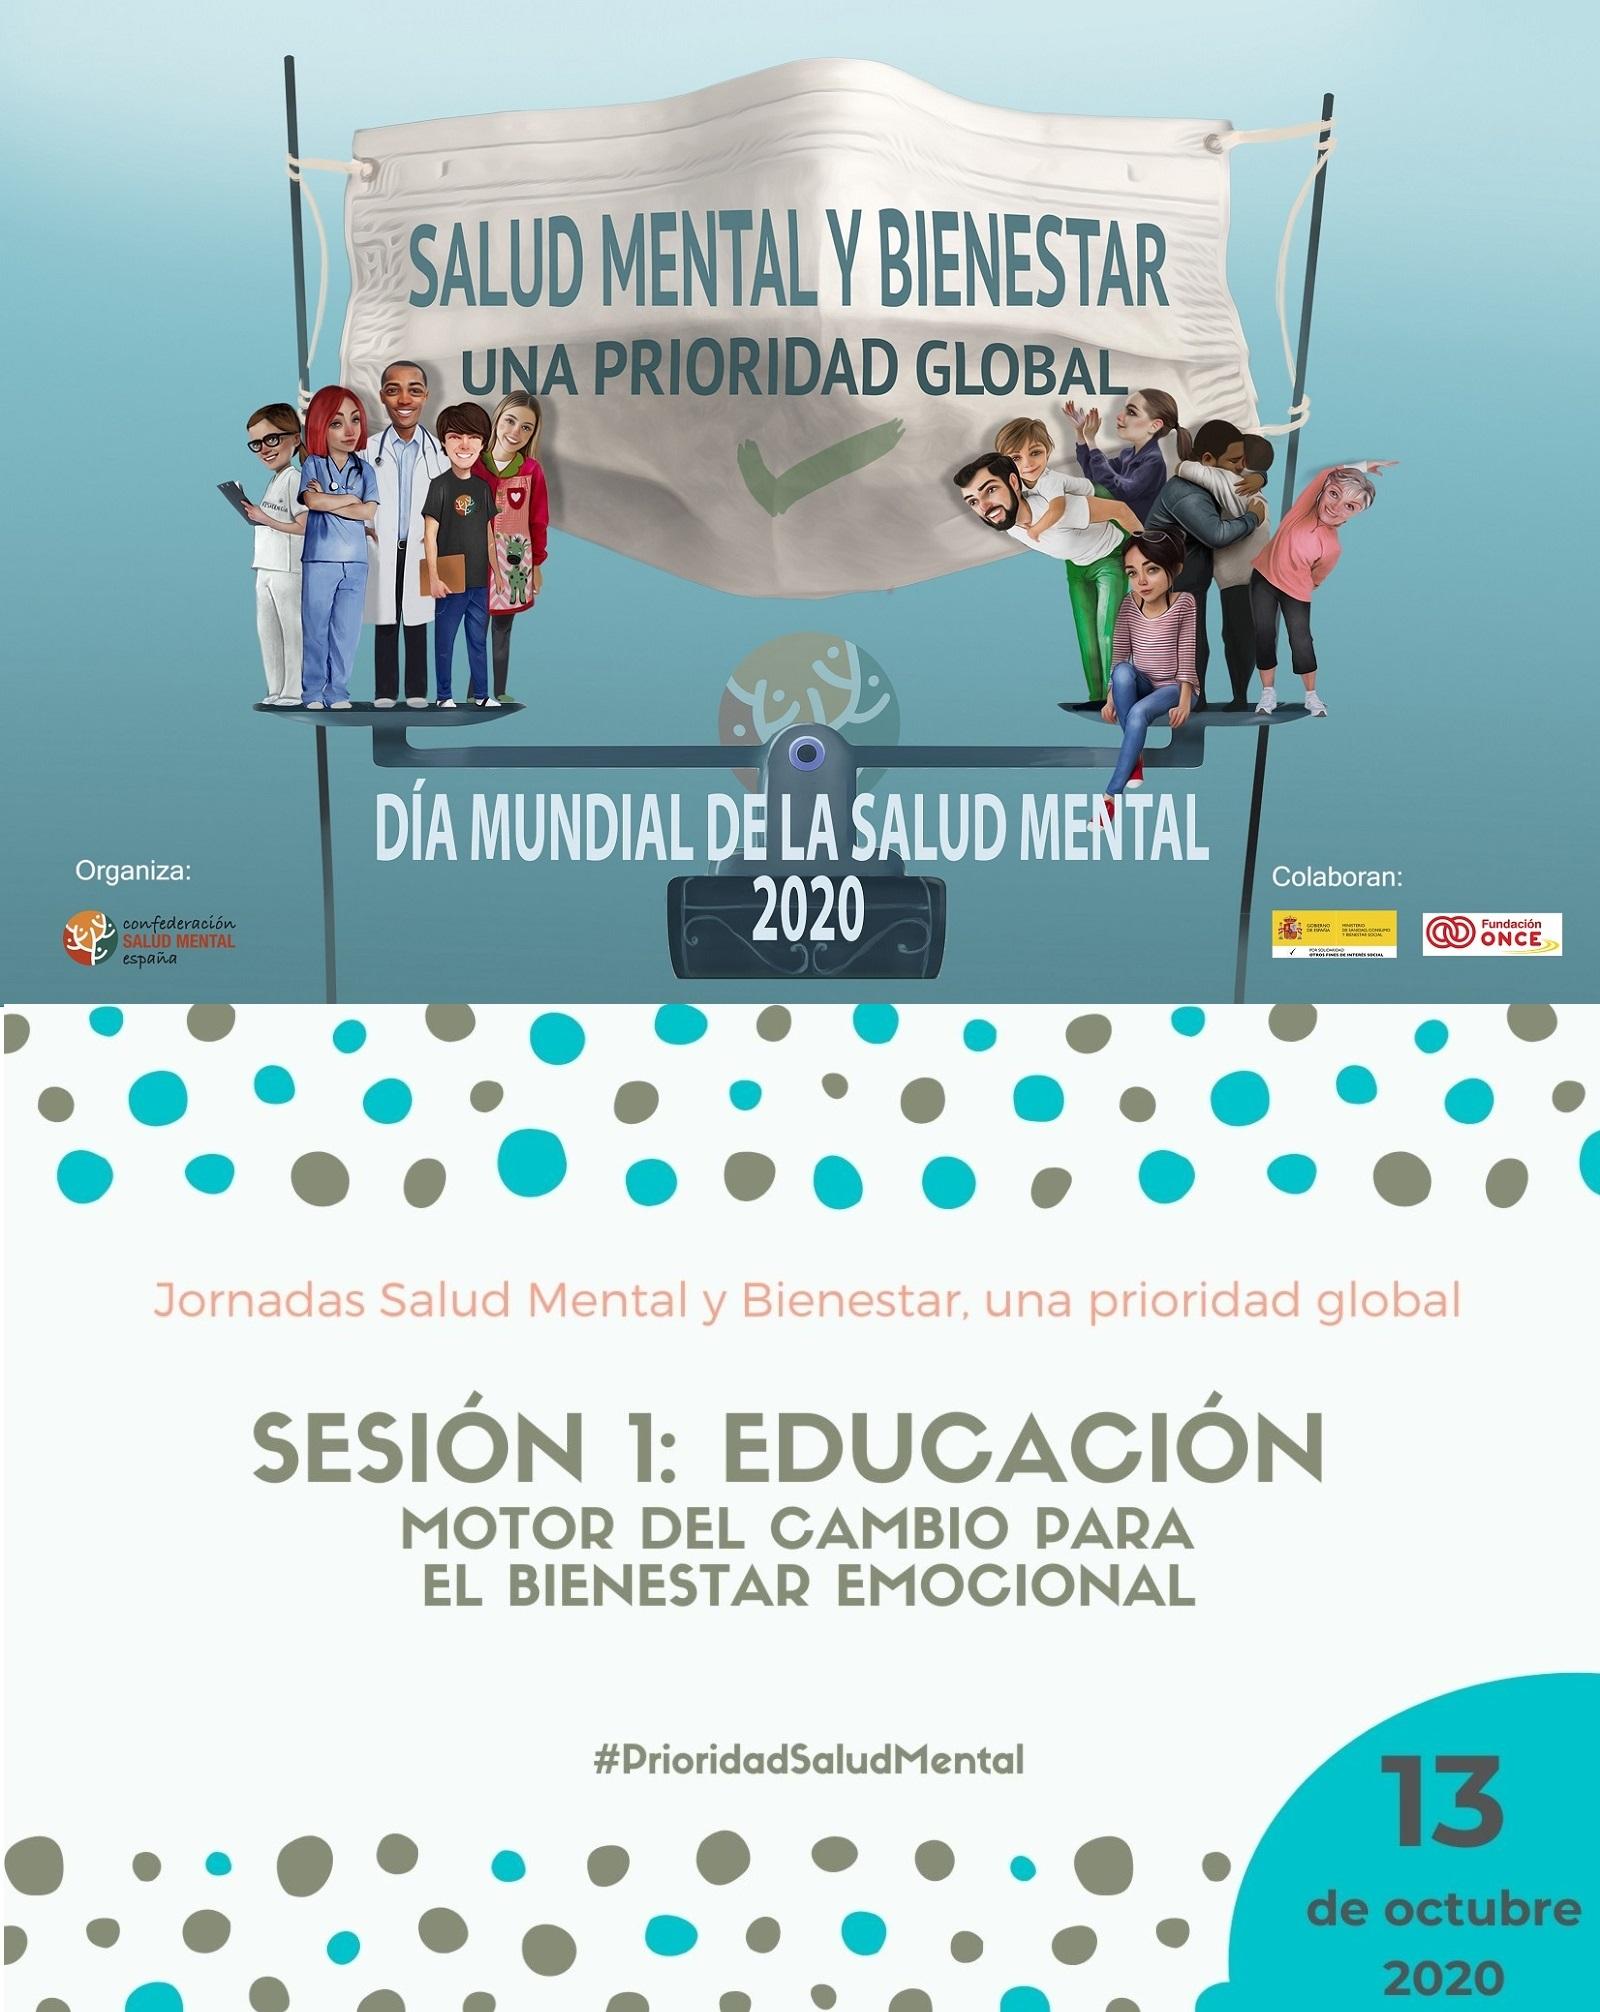 Jornada Prioridad Salud Mental Educacion